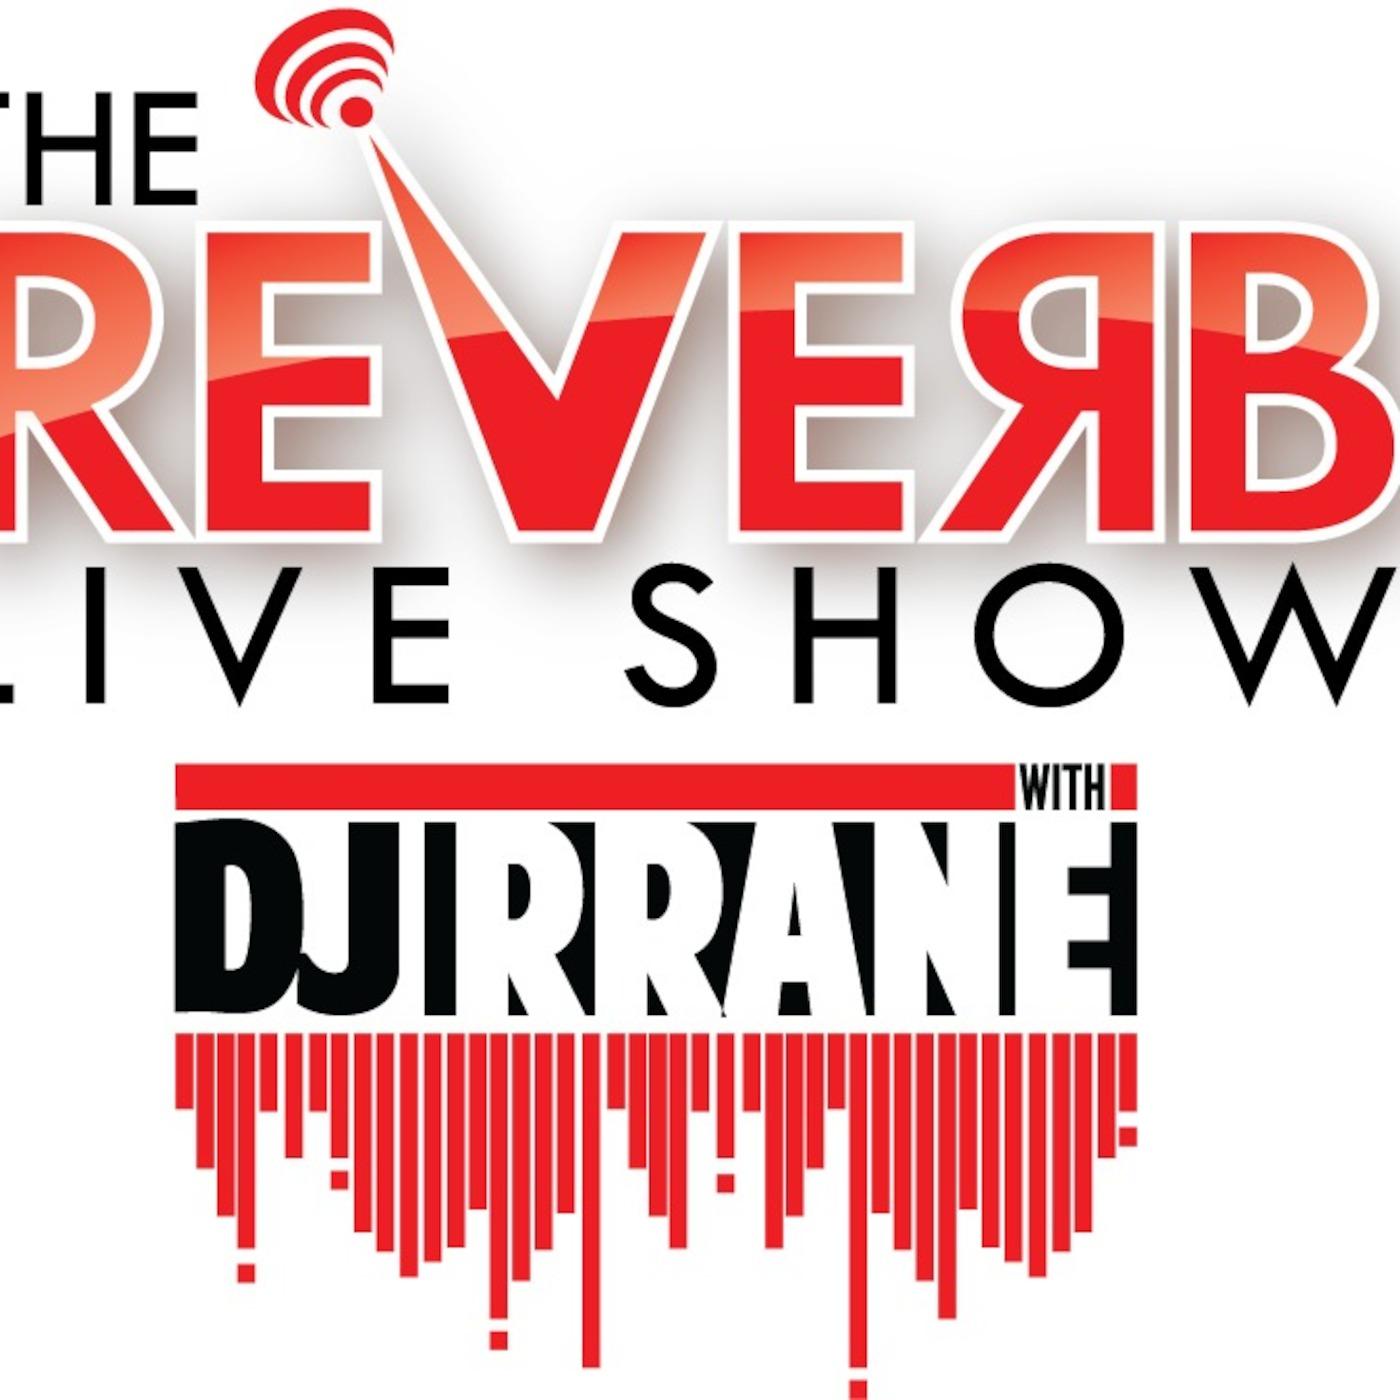 Reverb Live Show!